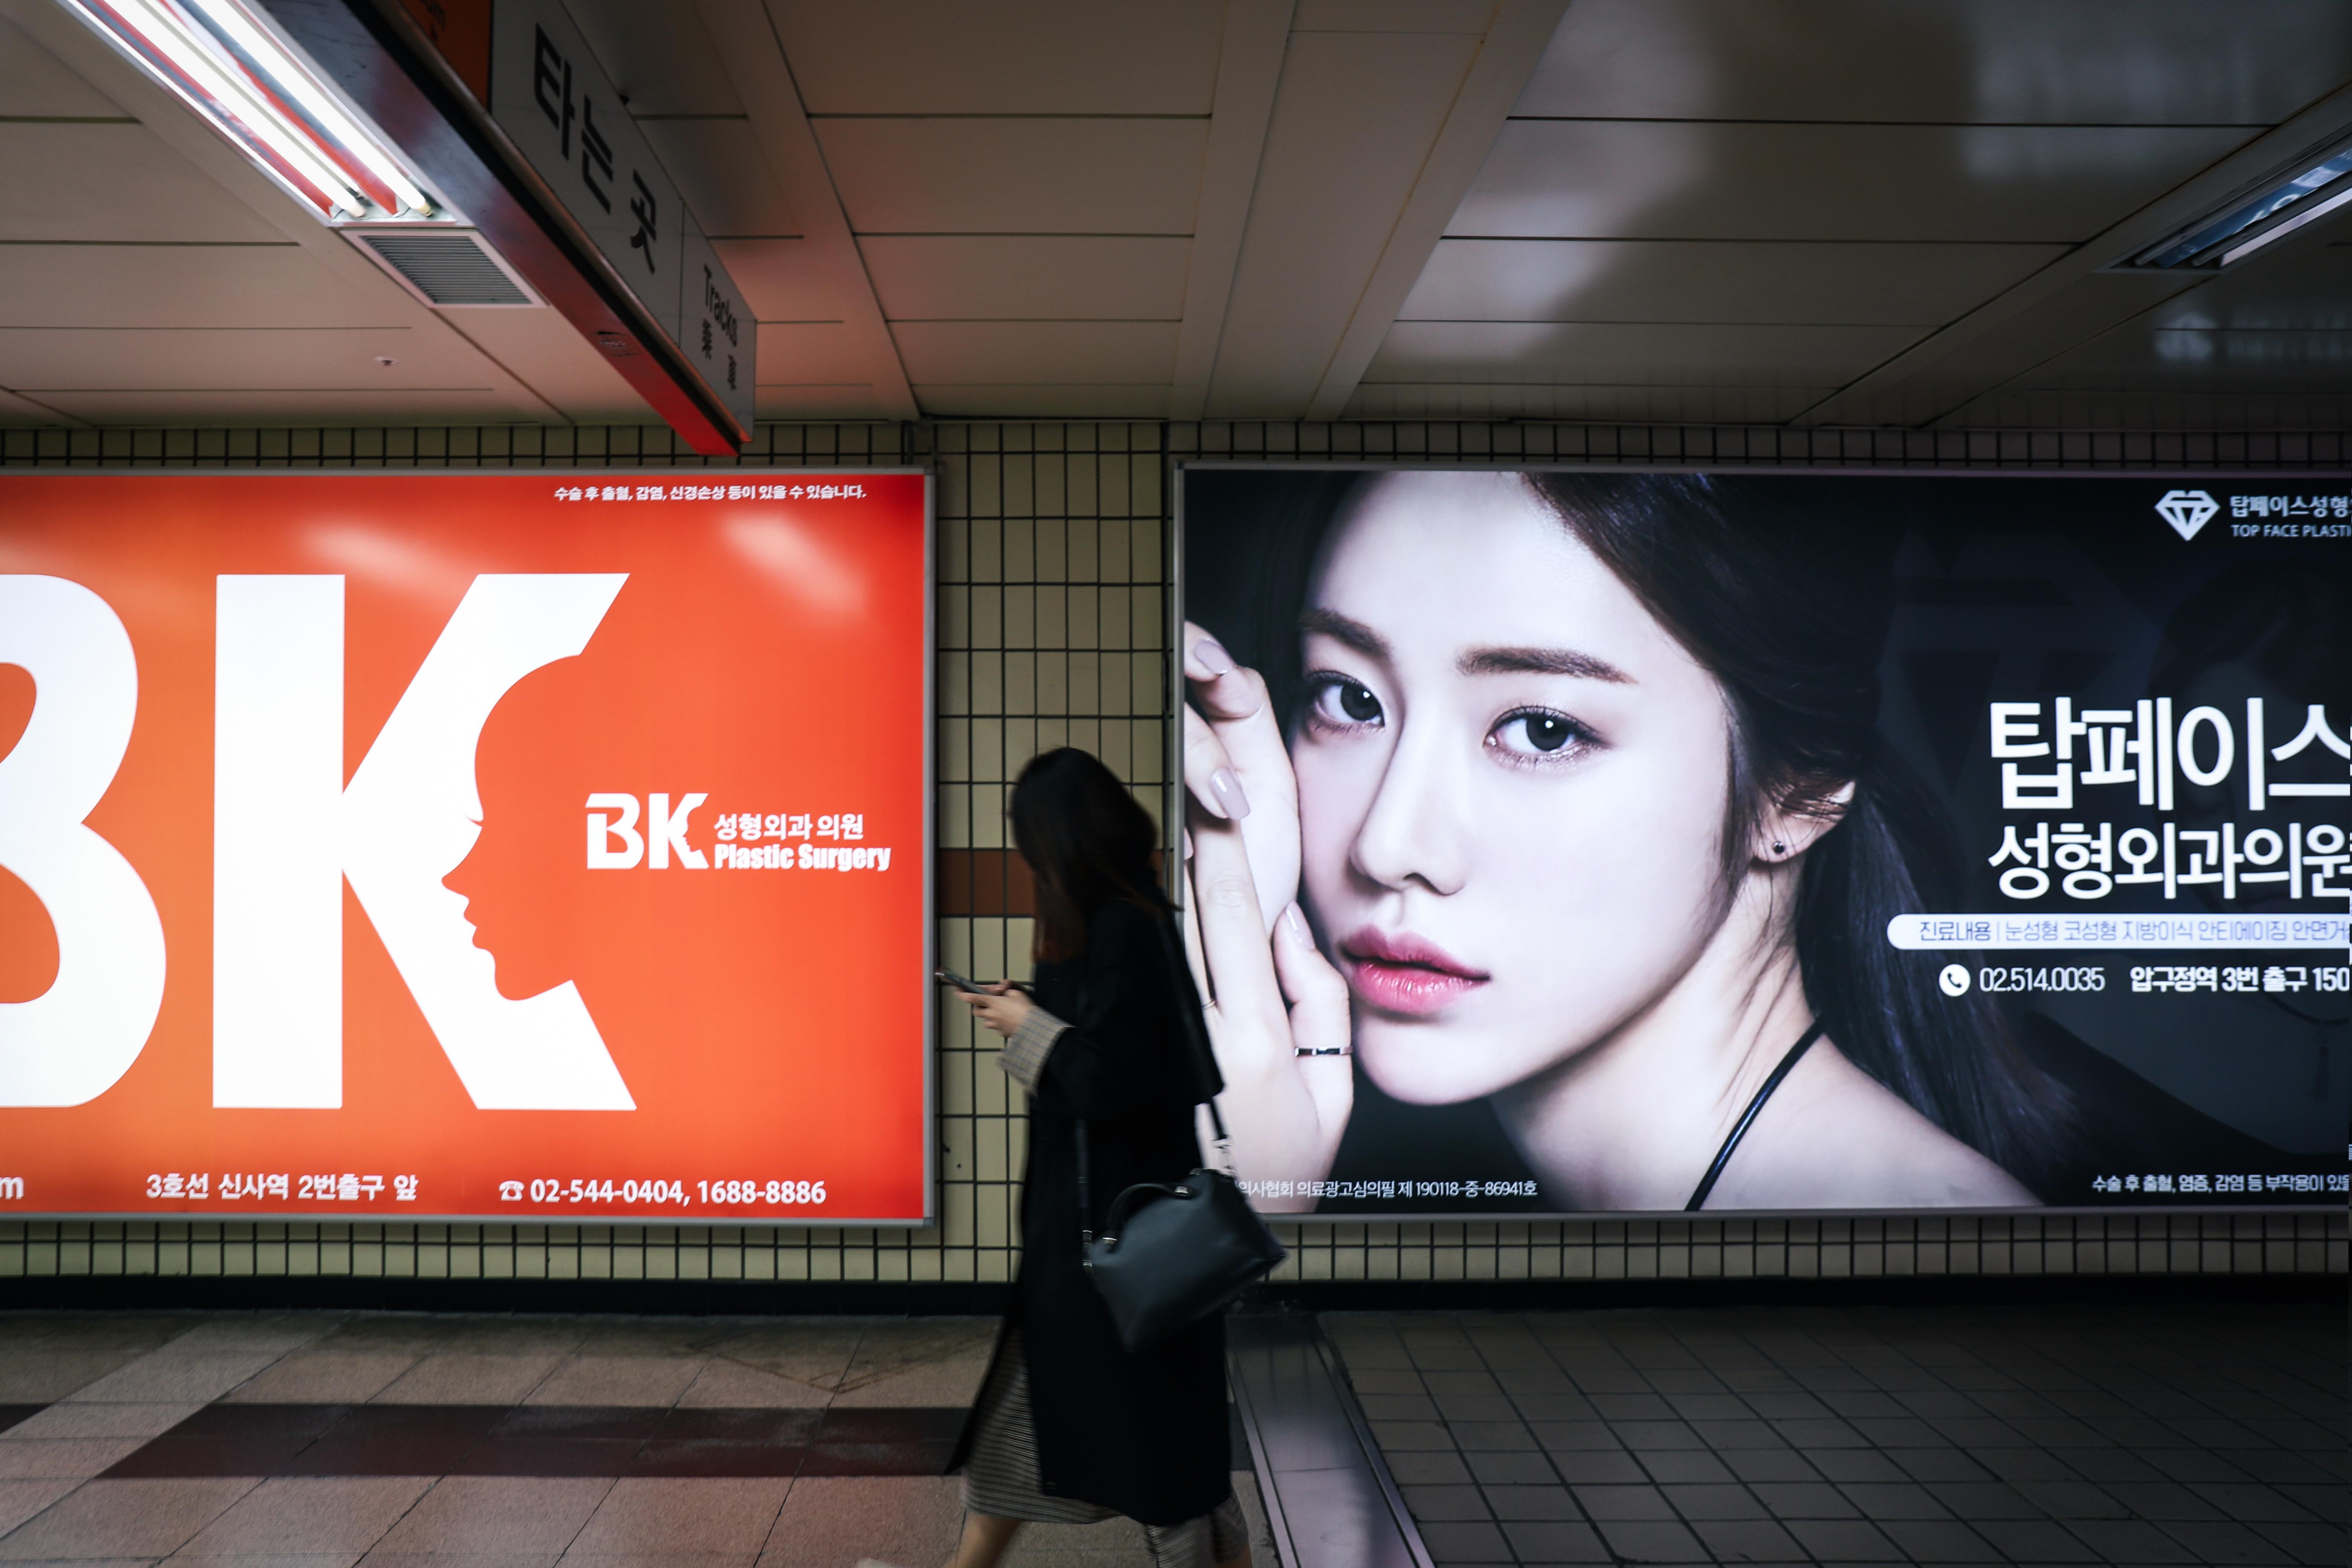 Schönheitsoperationen: In der U-Bahn-Station Apgujeong